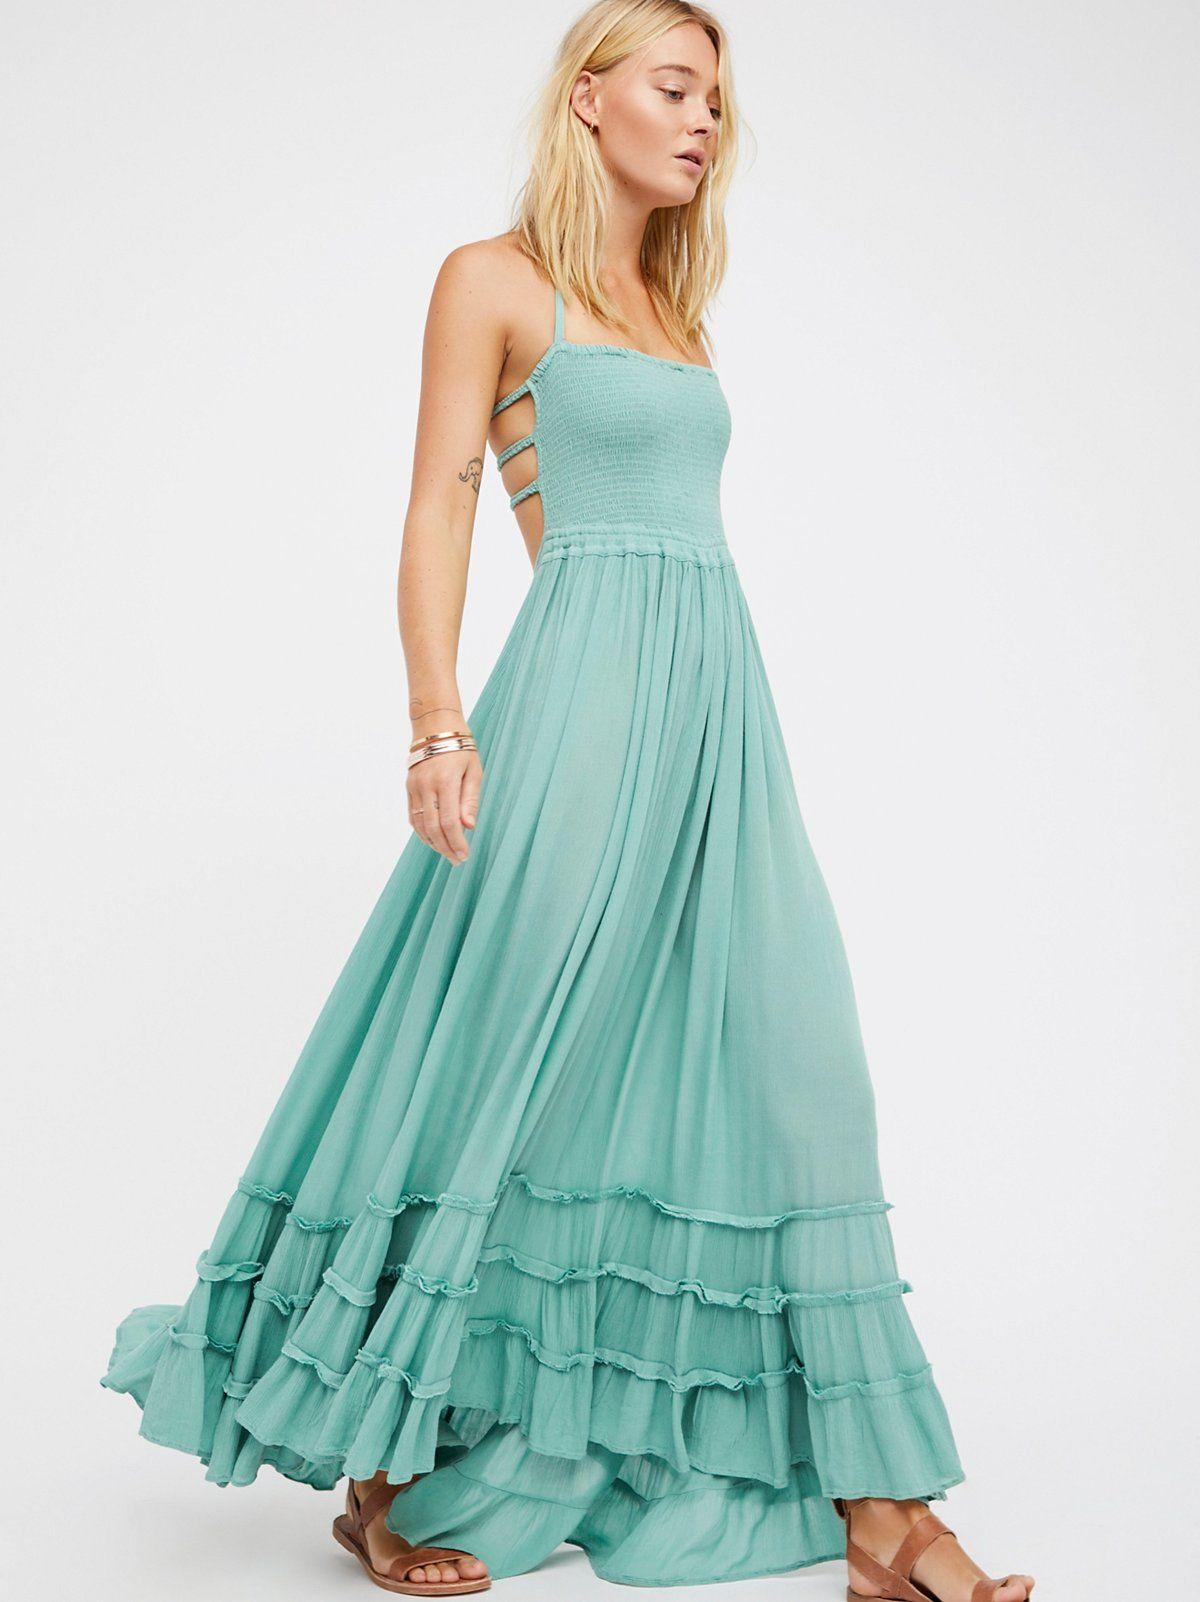 Extratropical Maxi Dress Long Summer Dresses Maxi Maxi Dress Dresses [ 1602 x 1200 Pixel ]